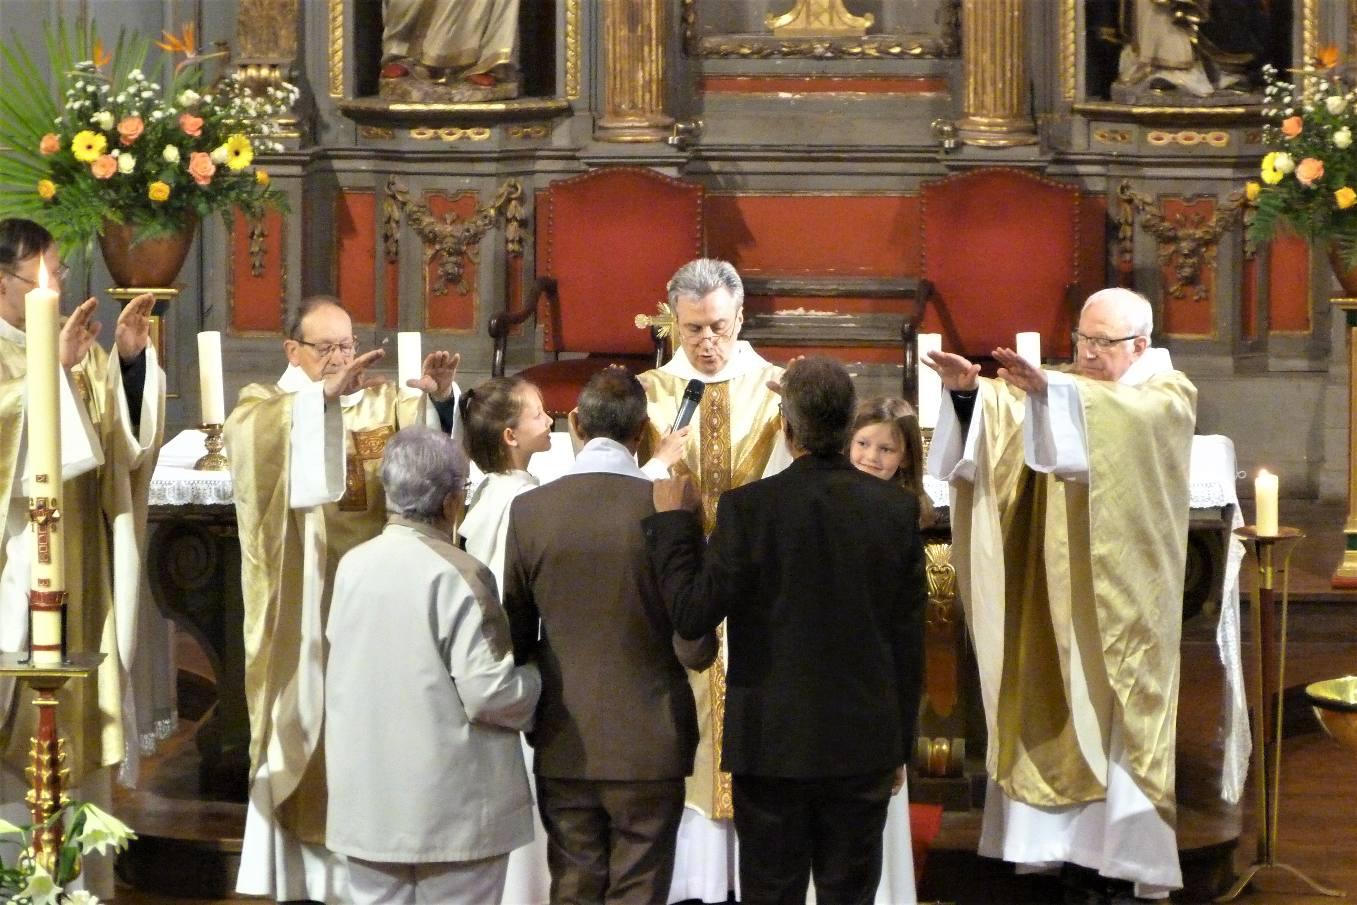 Fabrice reçoit le Sacrement de la Confirmation